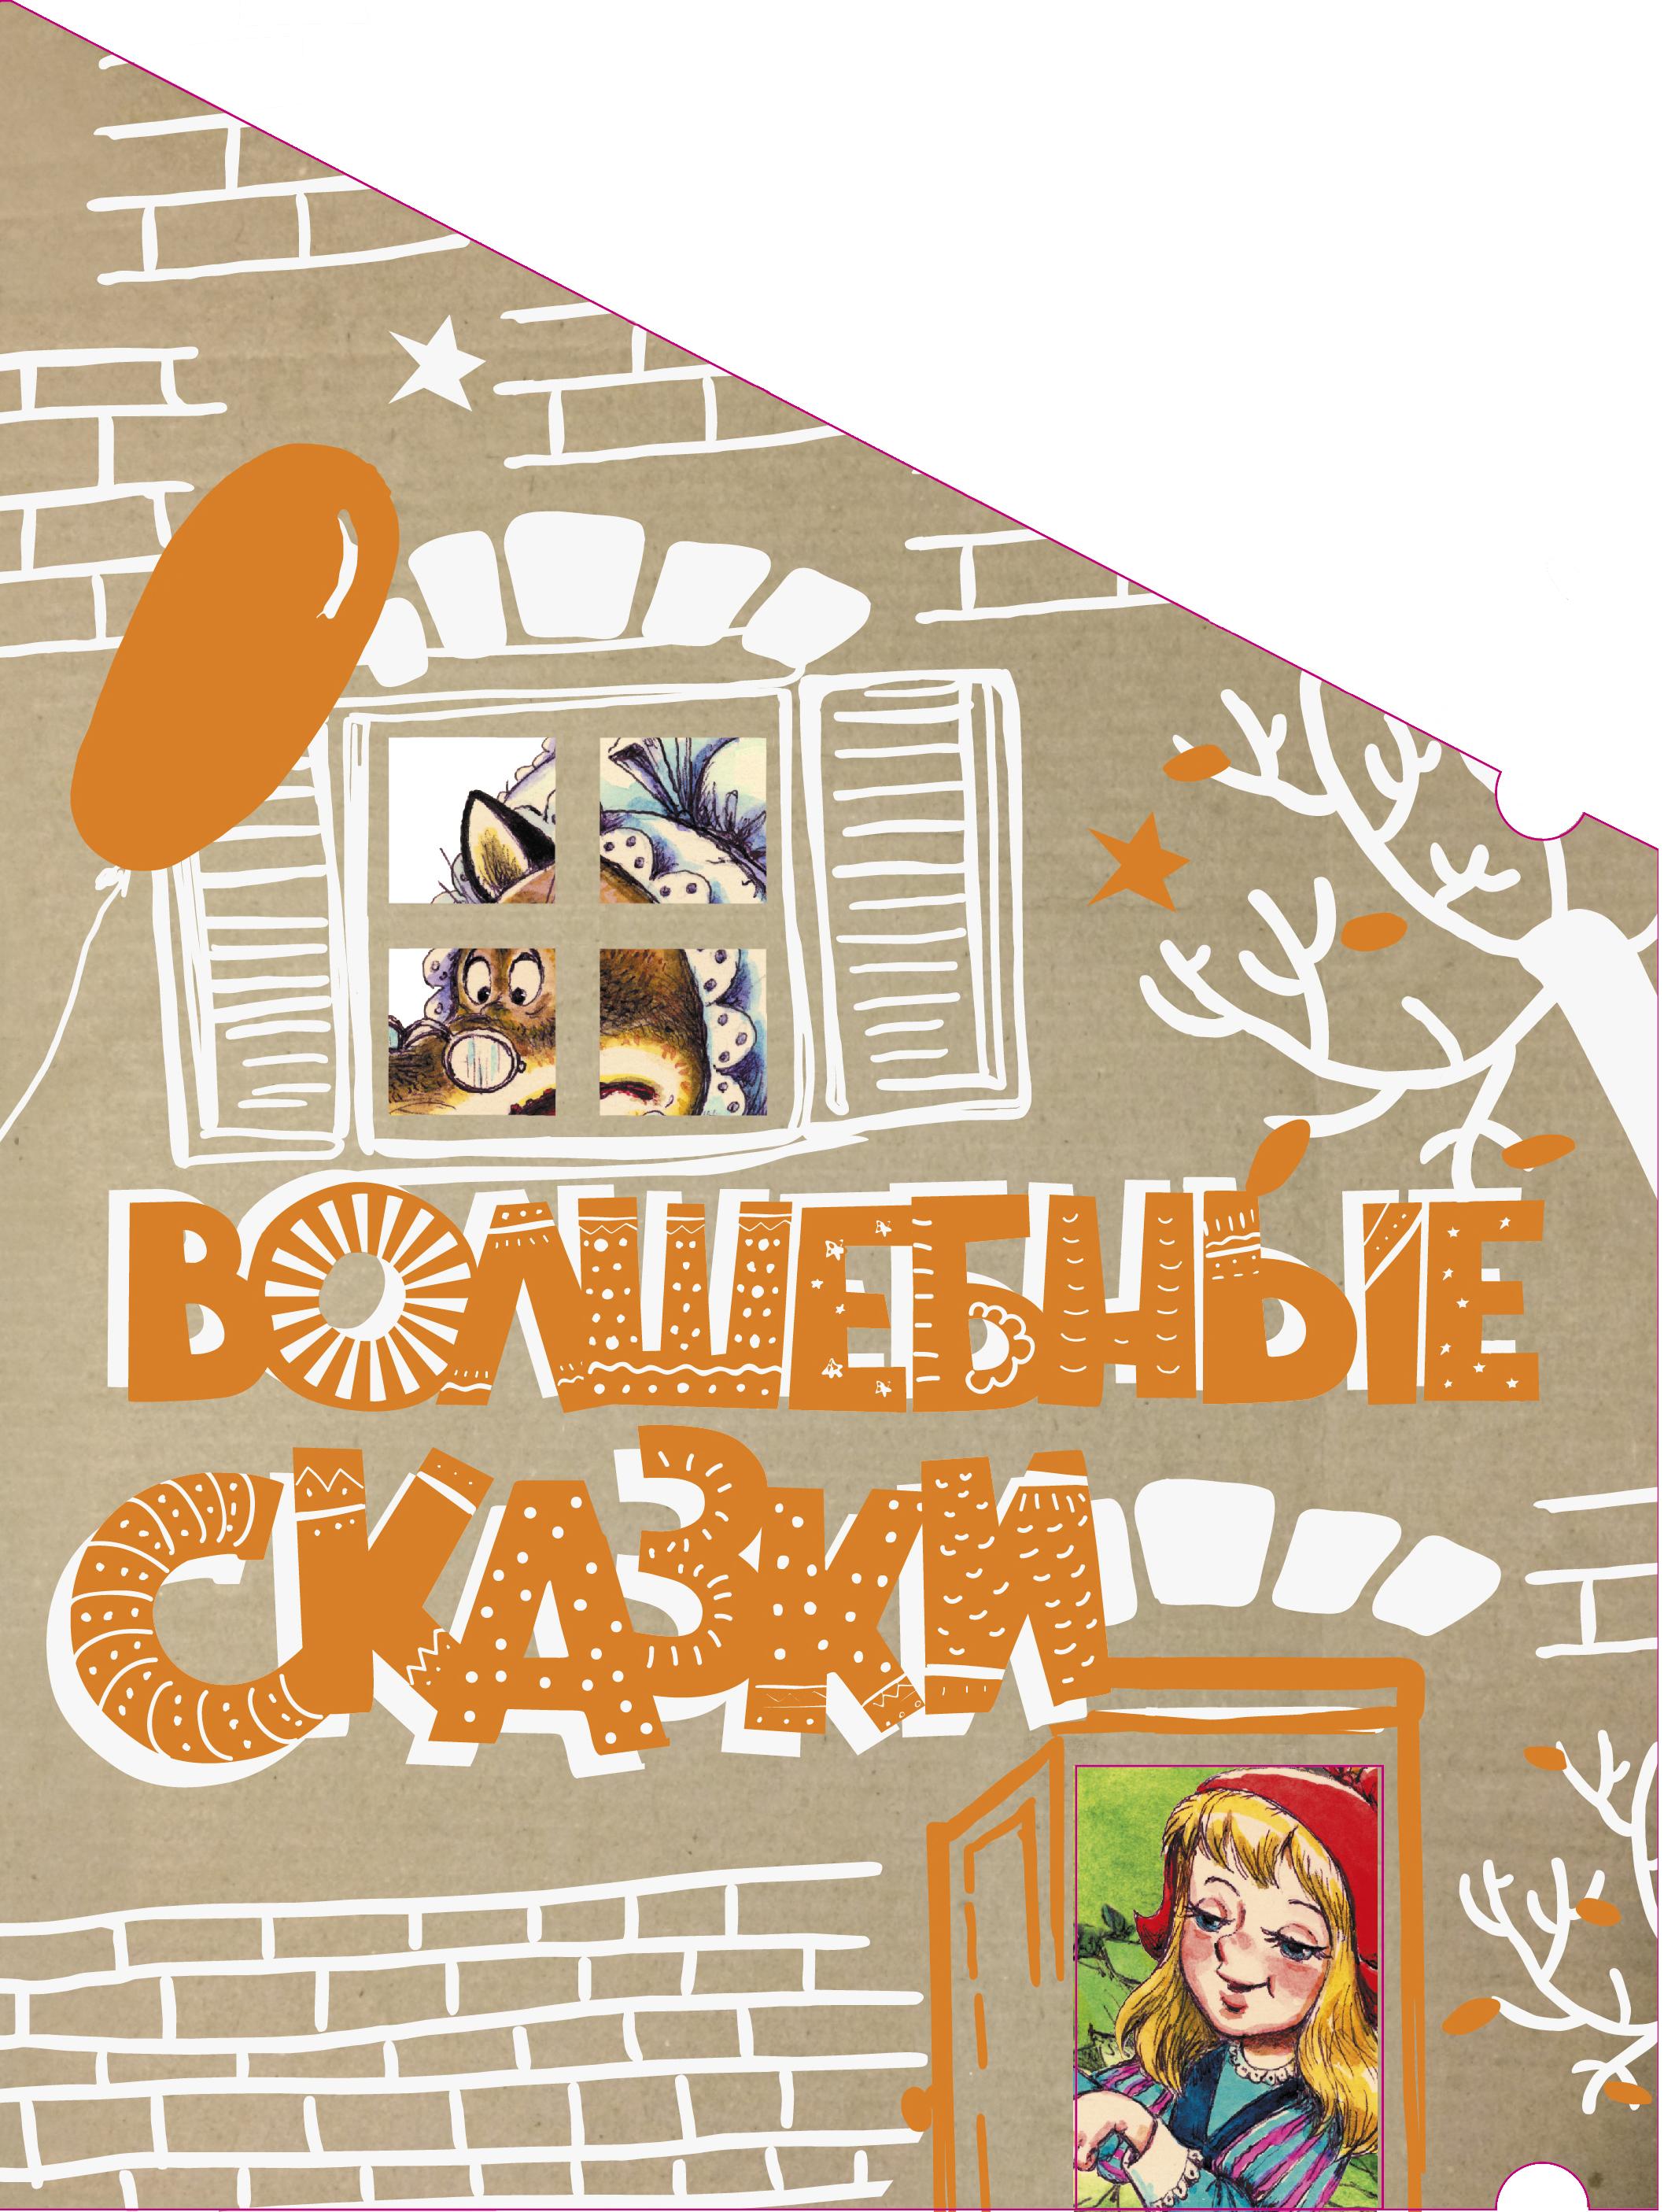 Андерсен Г.- Х., Перро Ш. Волшебные сказки (Пряничный домик) андерсен г х перро ш волшебные сказки пряничный домик